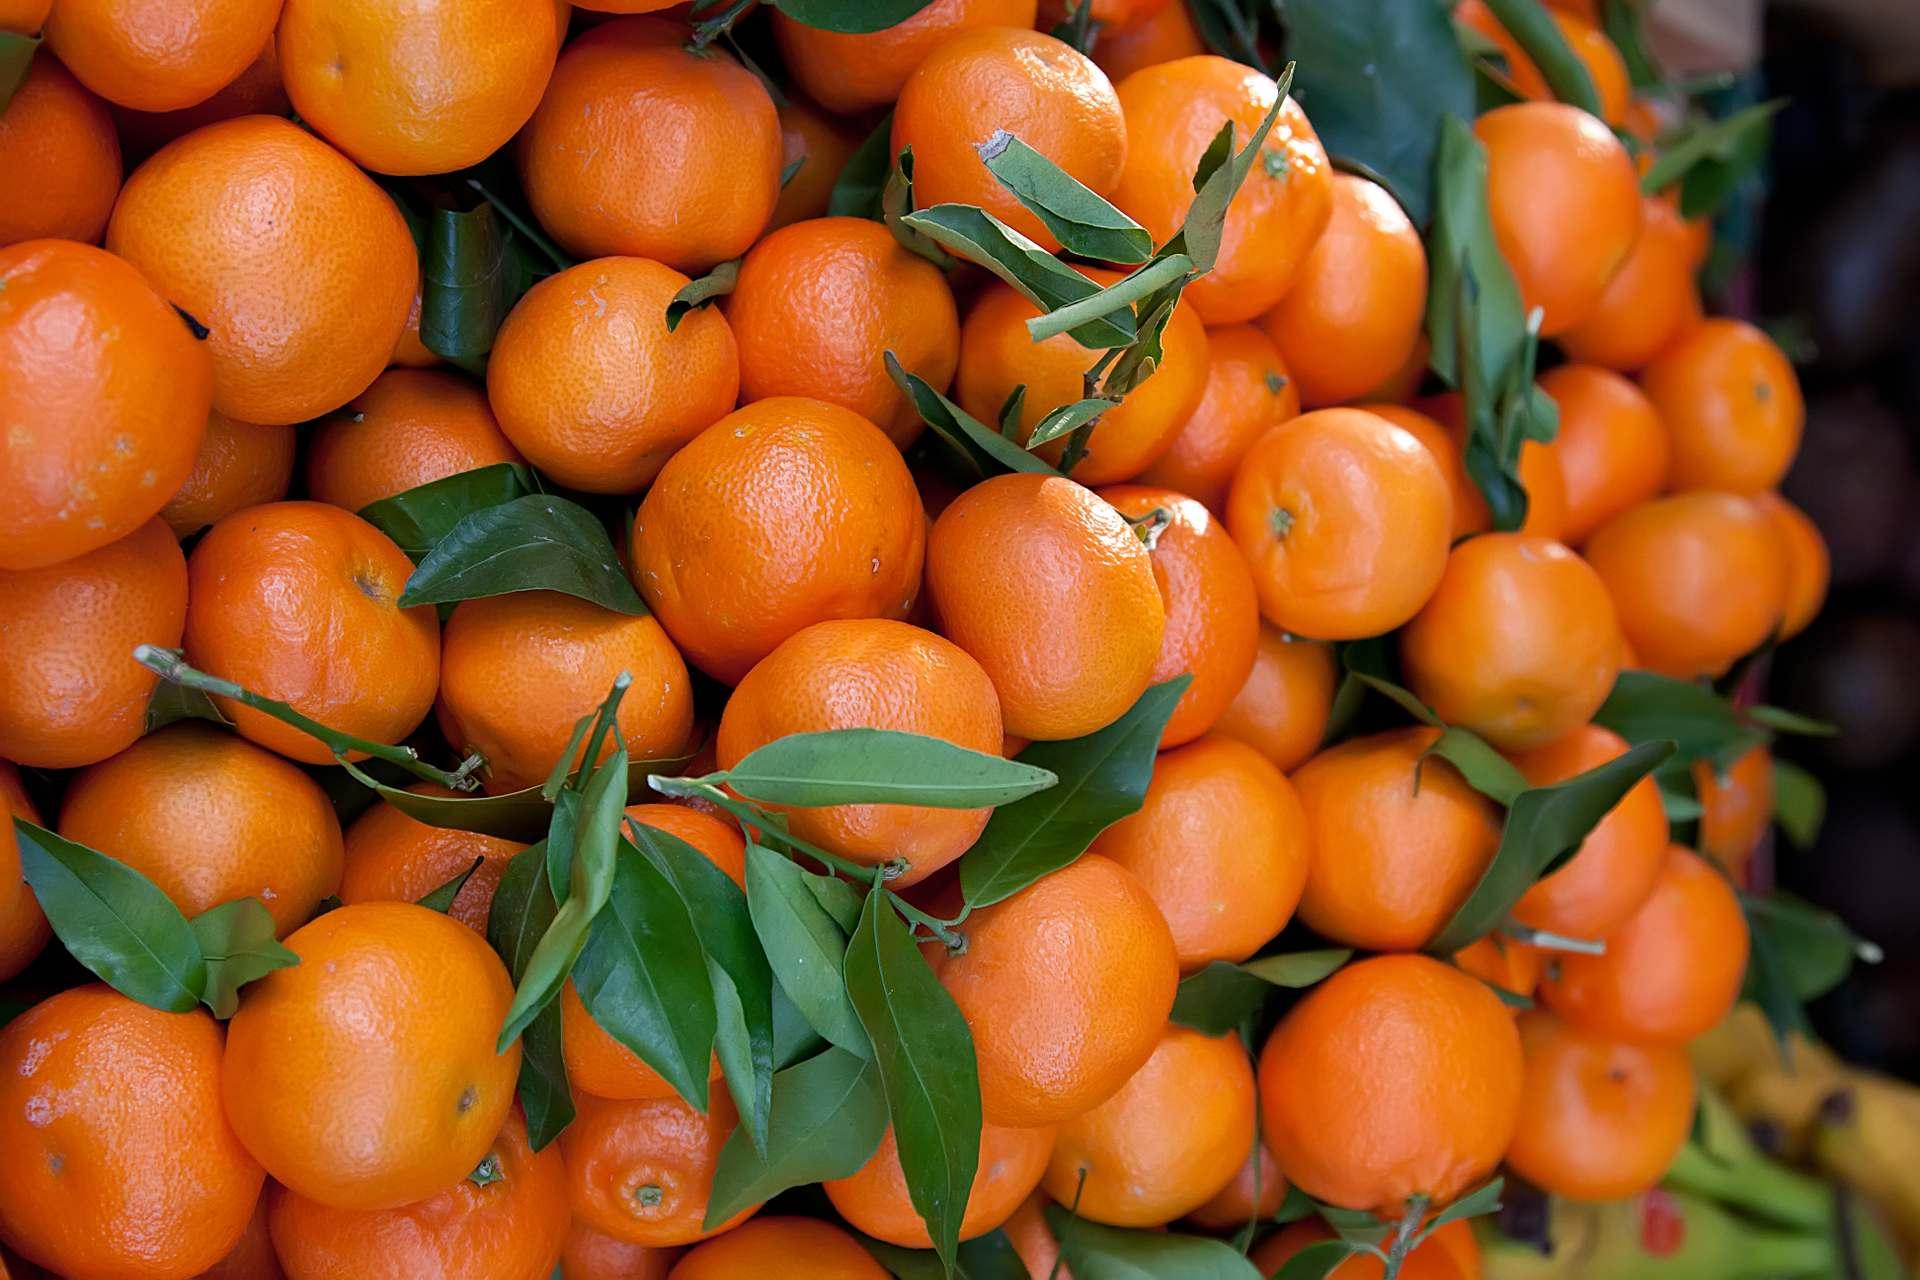 Clementine - Alles über die Clementine